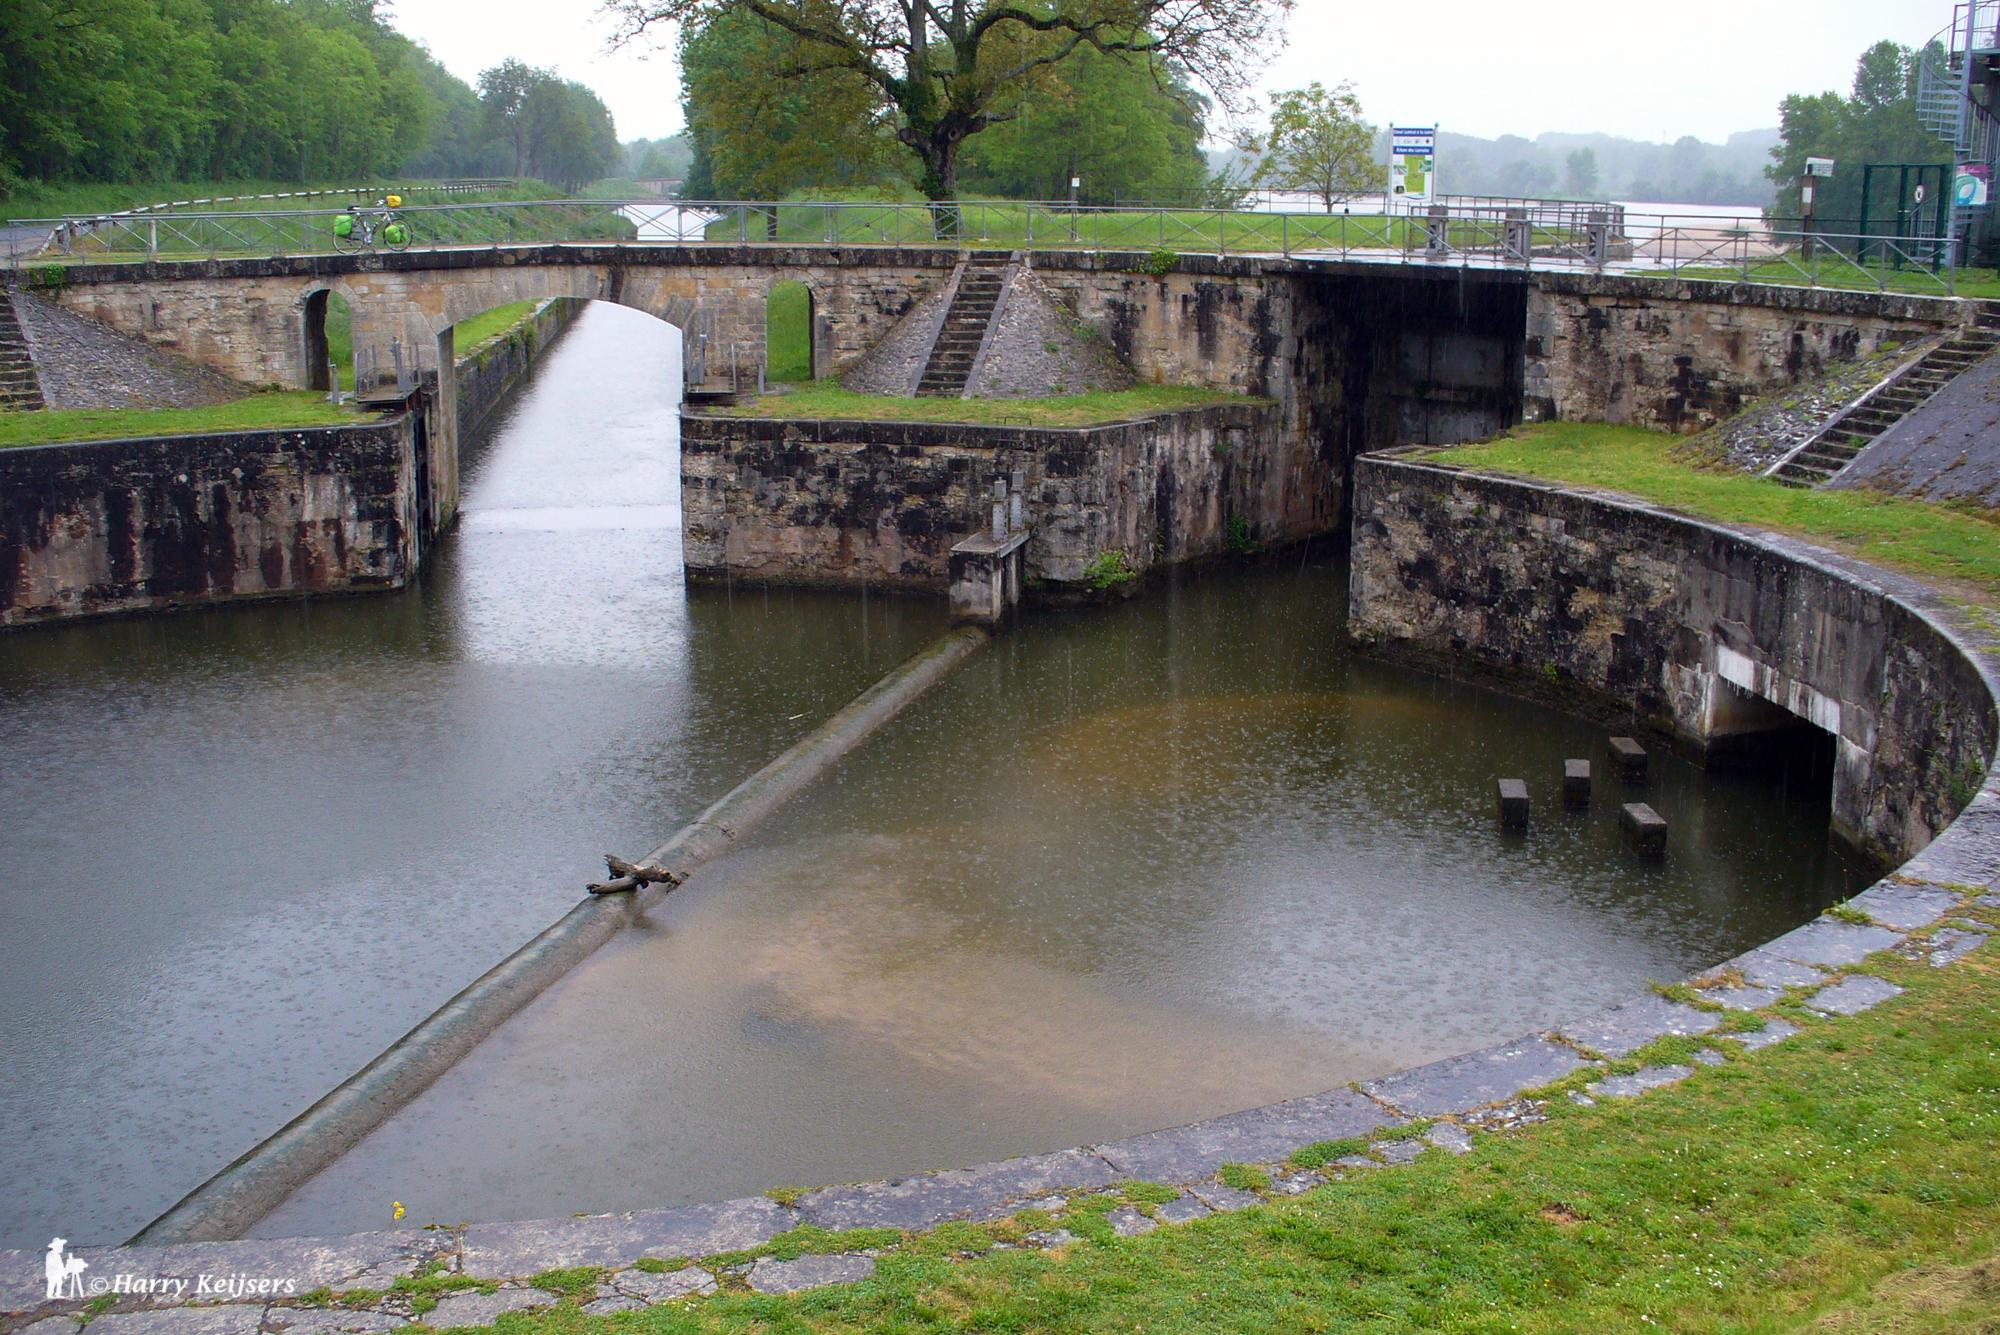 harry-keijsers-keersluis-canal-laterale-de-la-loire